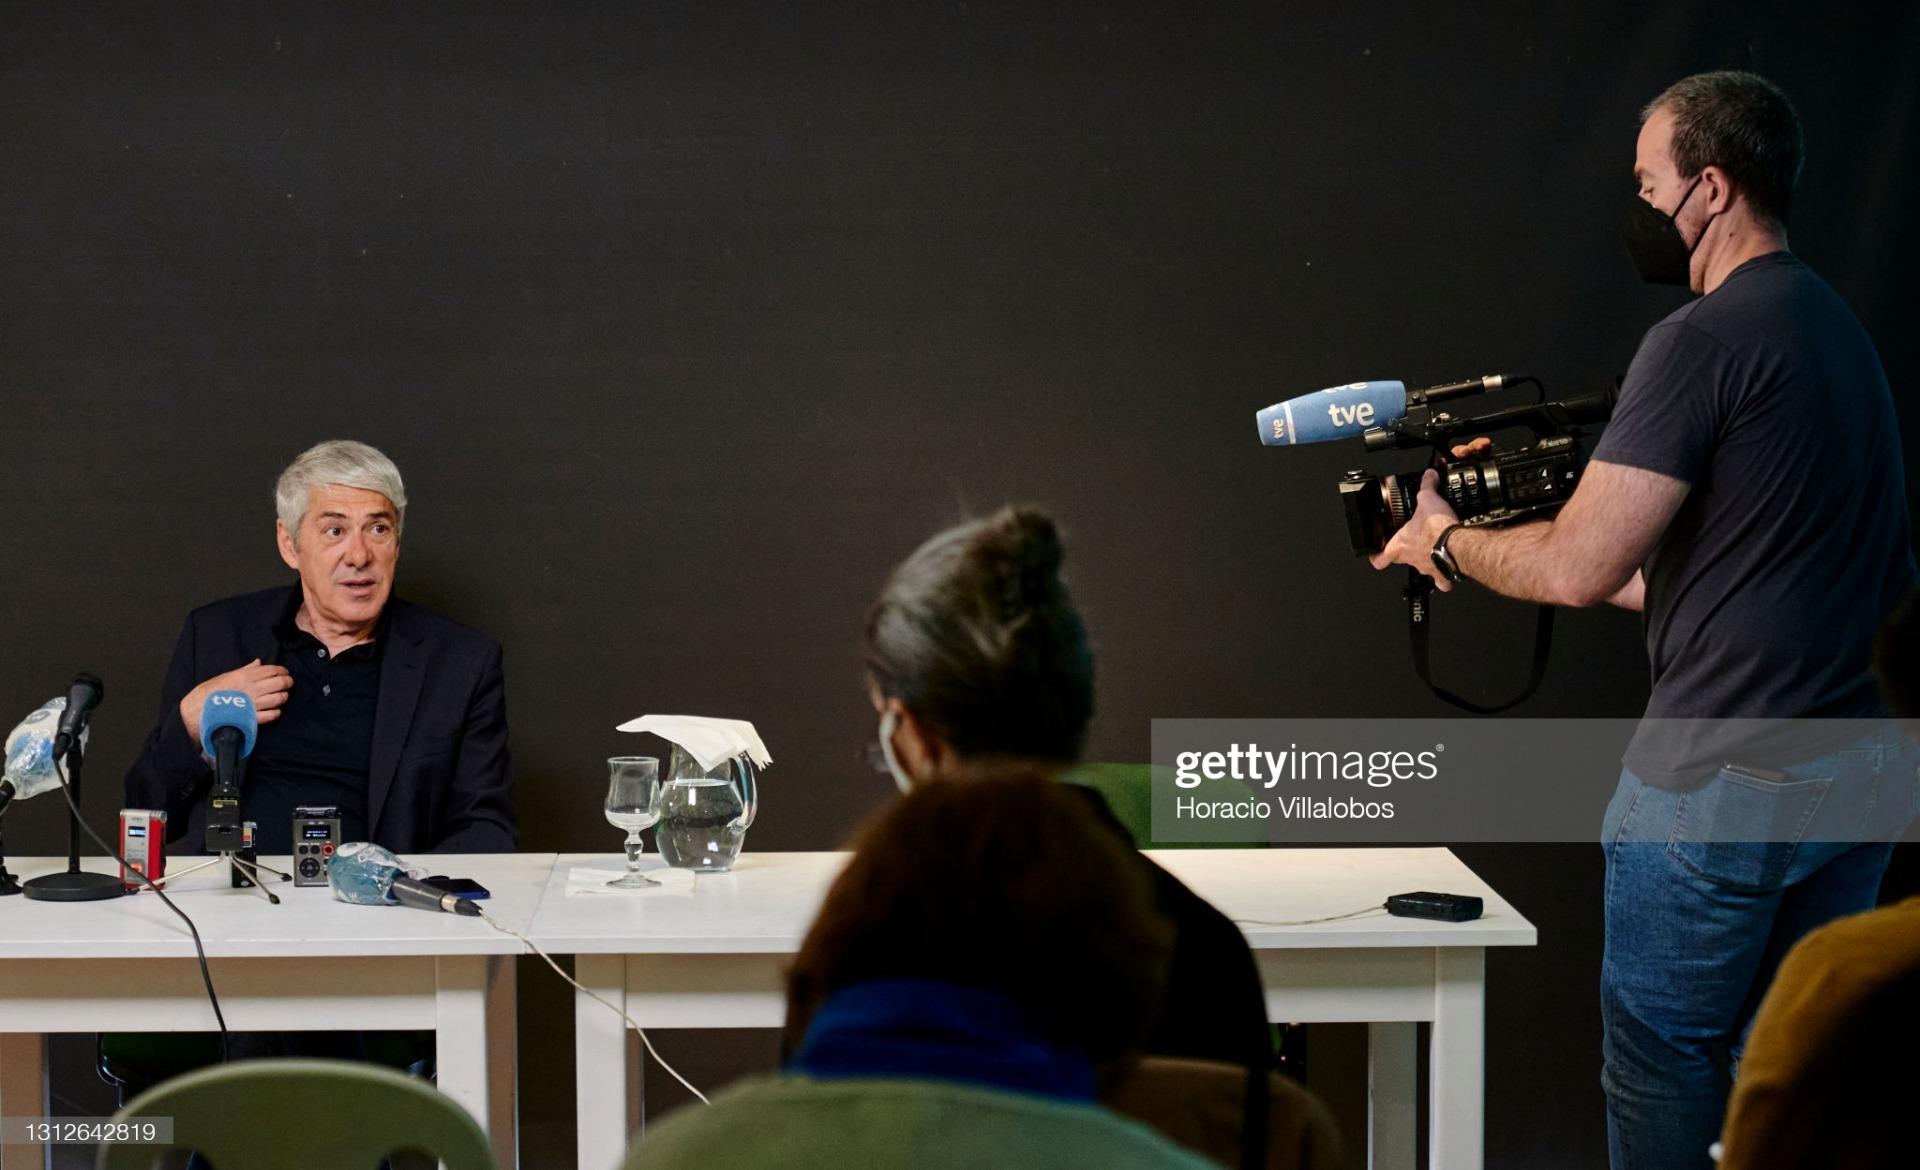 """<a href=""""http://aiep.eu/2021/04/22/correspondentes-em-portugal-entrevistam-jose-socrates/"""">Correspondentes entrevistam José Sócrates</a>"""